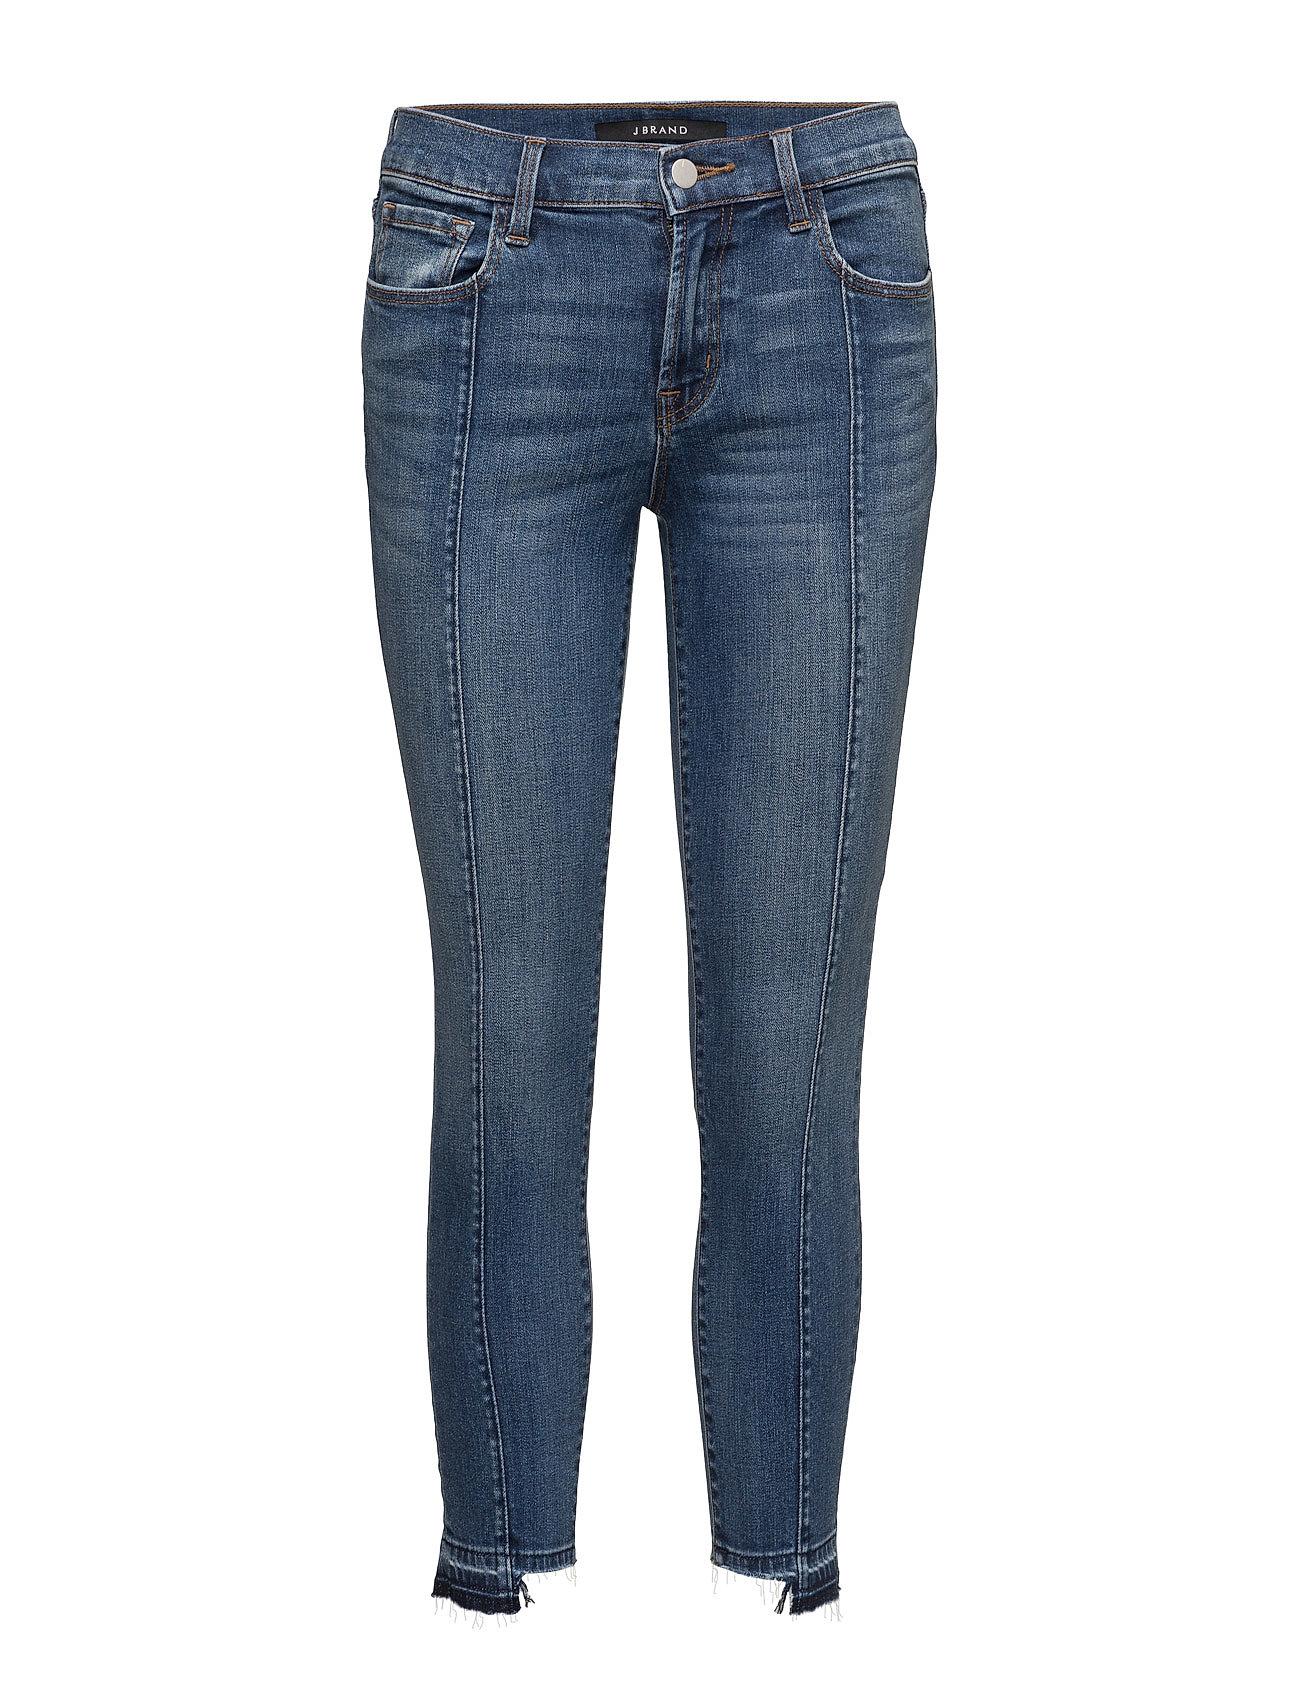 36c330fdc598 Bestil T152rh Mid Rise Pintuck Skinny J brand Skinny i til Damer i en  online modebutik